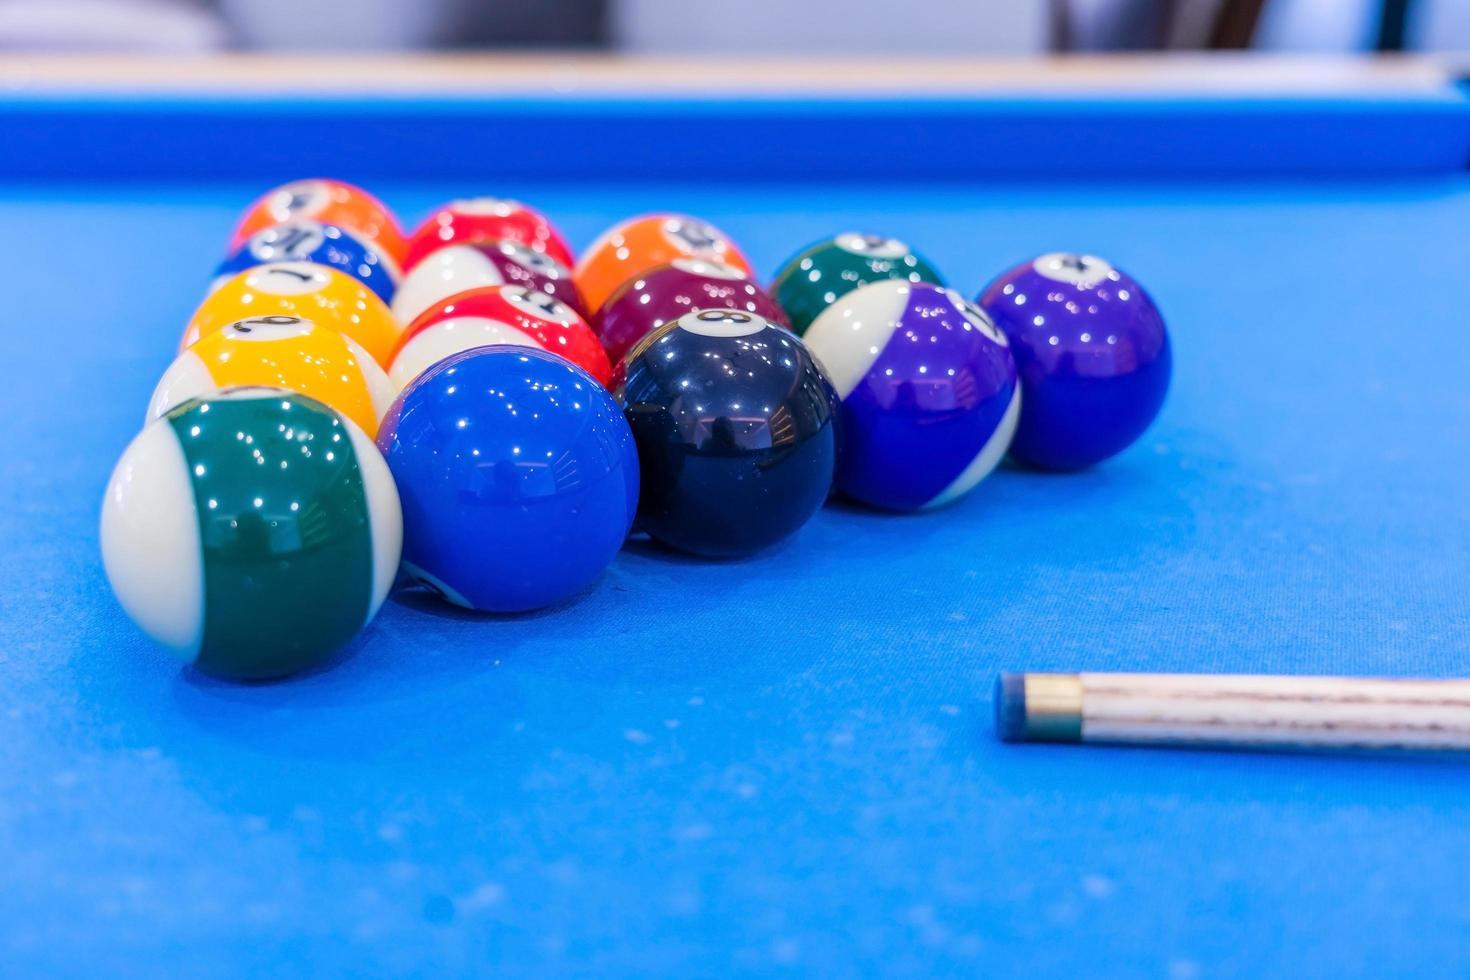 bolas de billar en mesa azul foto